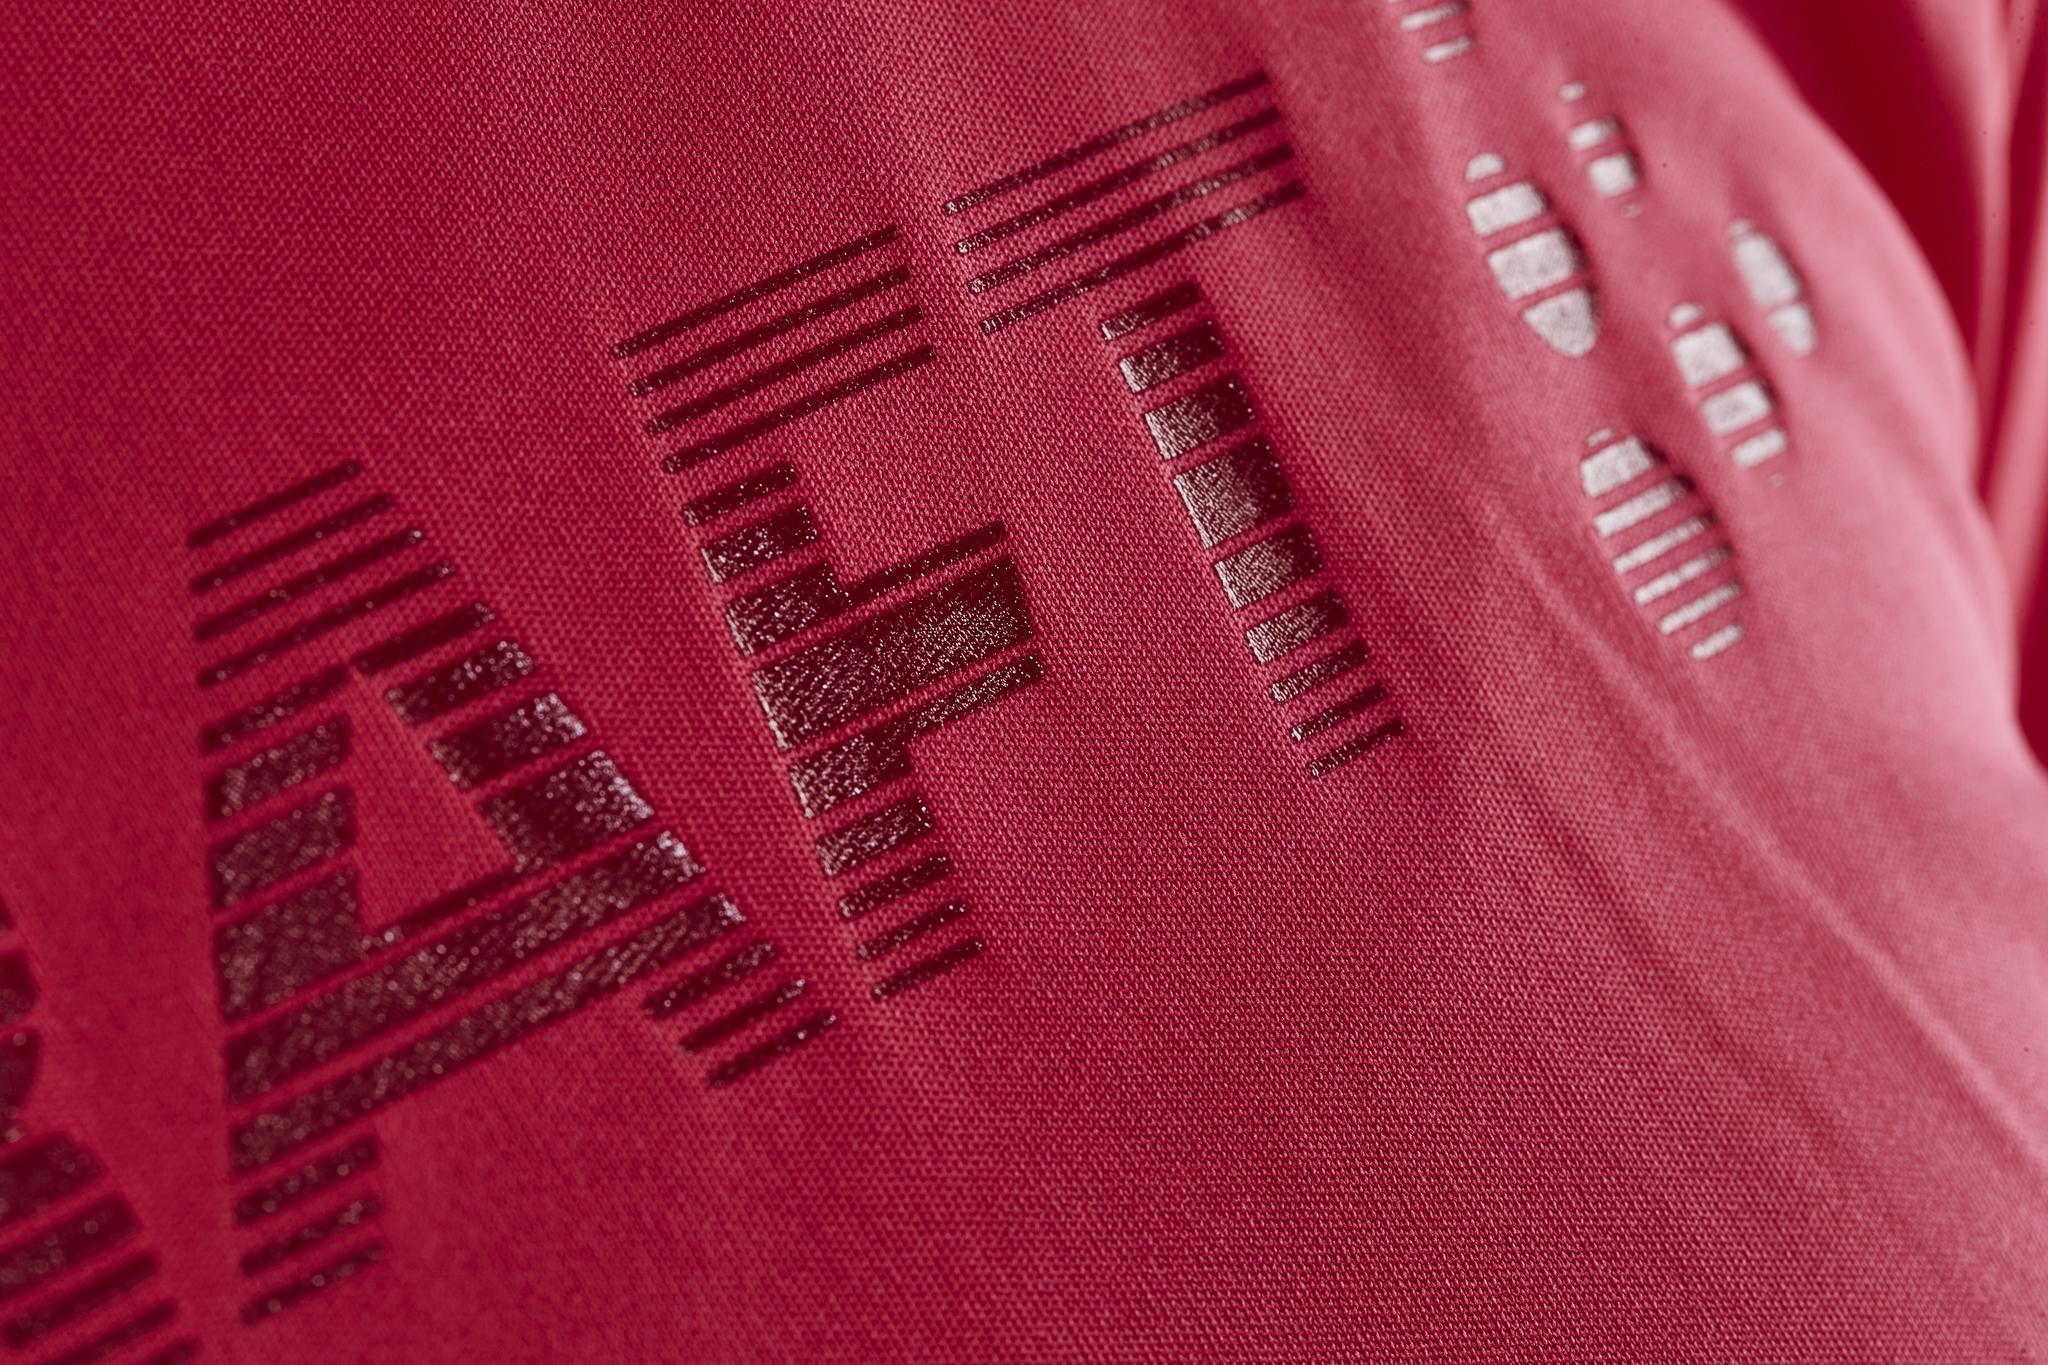 CRAFT PRIME RUN LOGO женская беговая футболка - 3